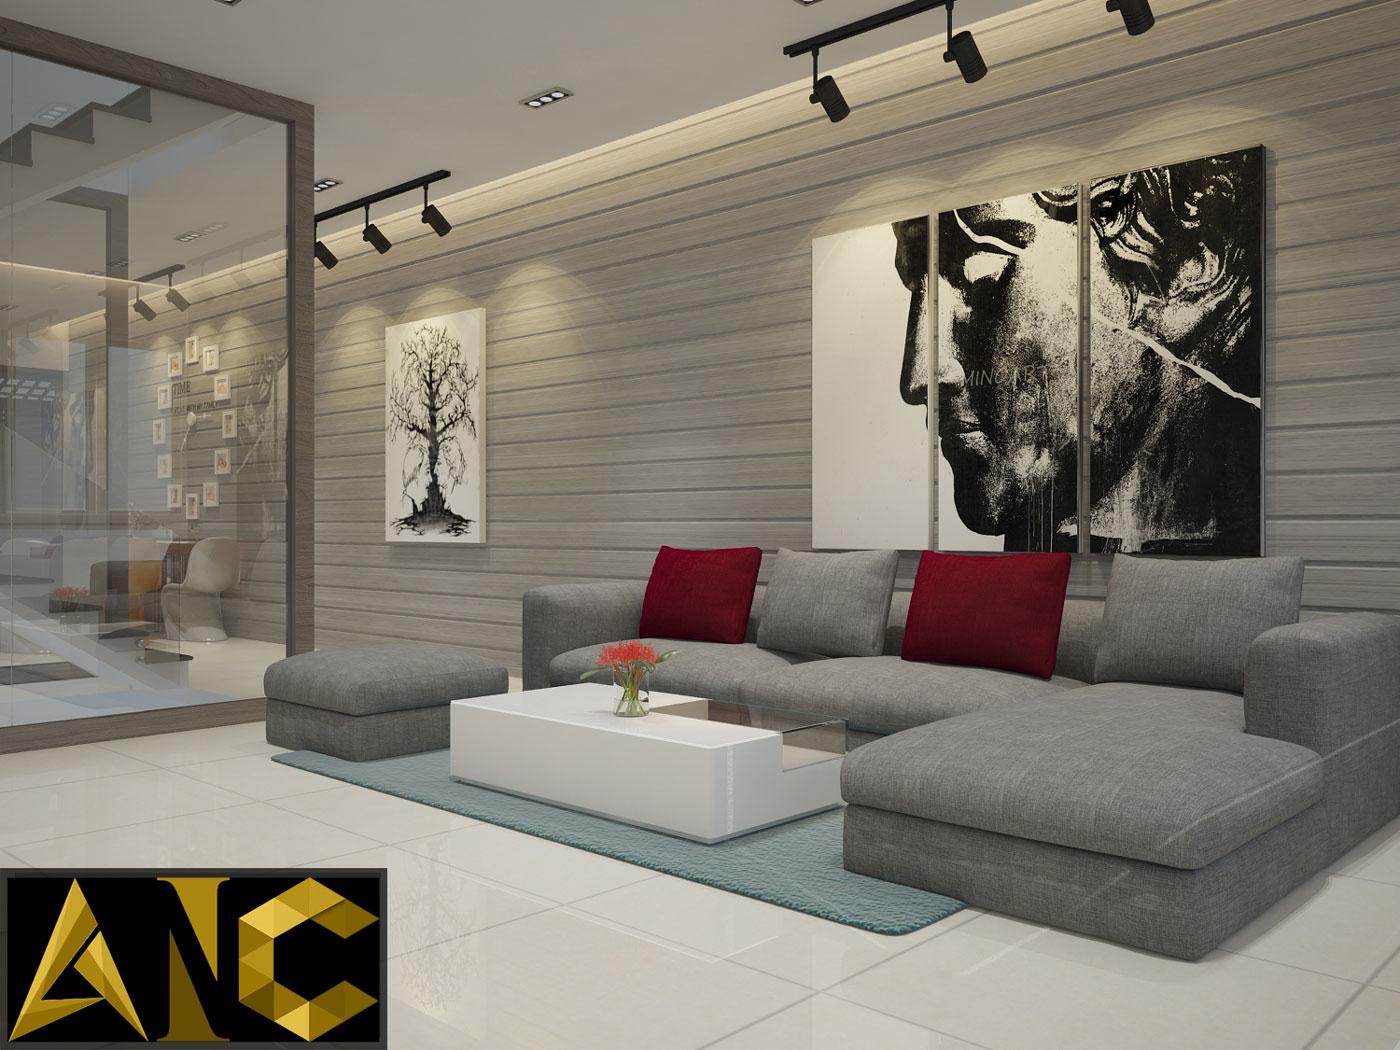 Cải tạo nhà phố Q7 - Phòng khách